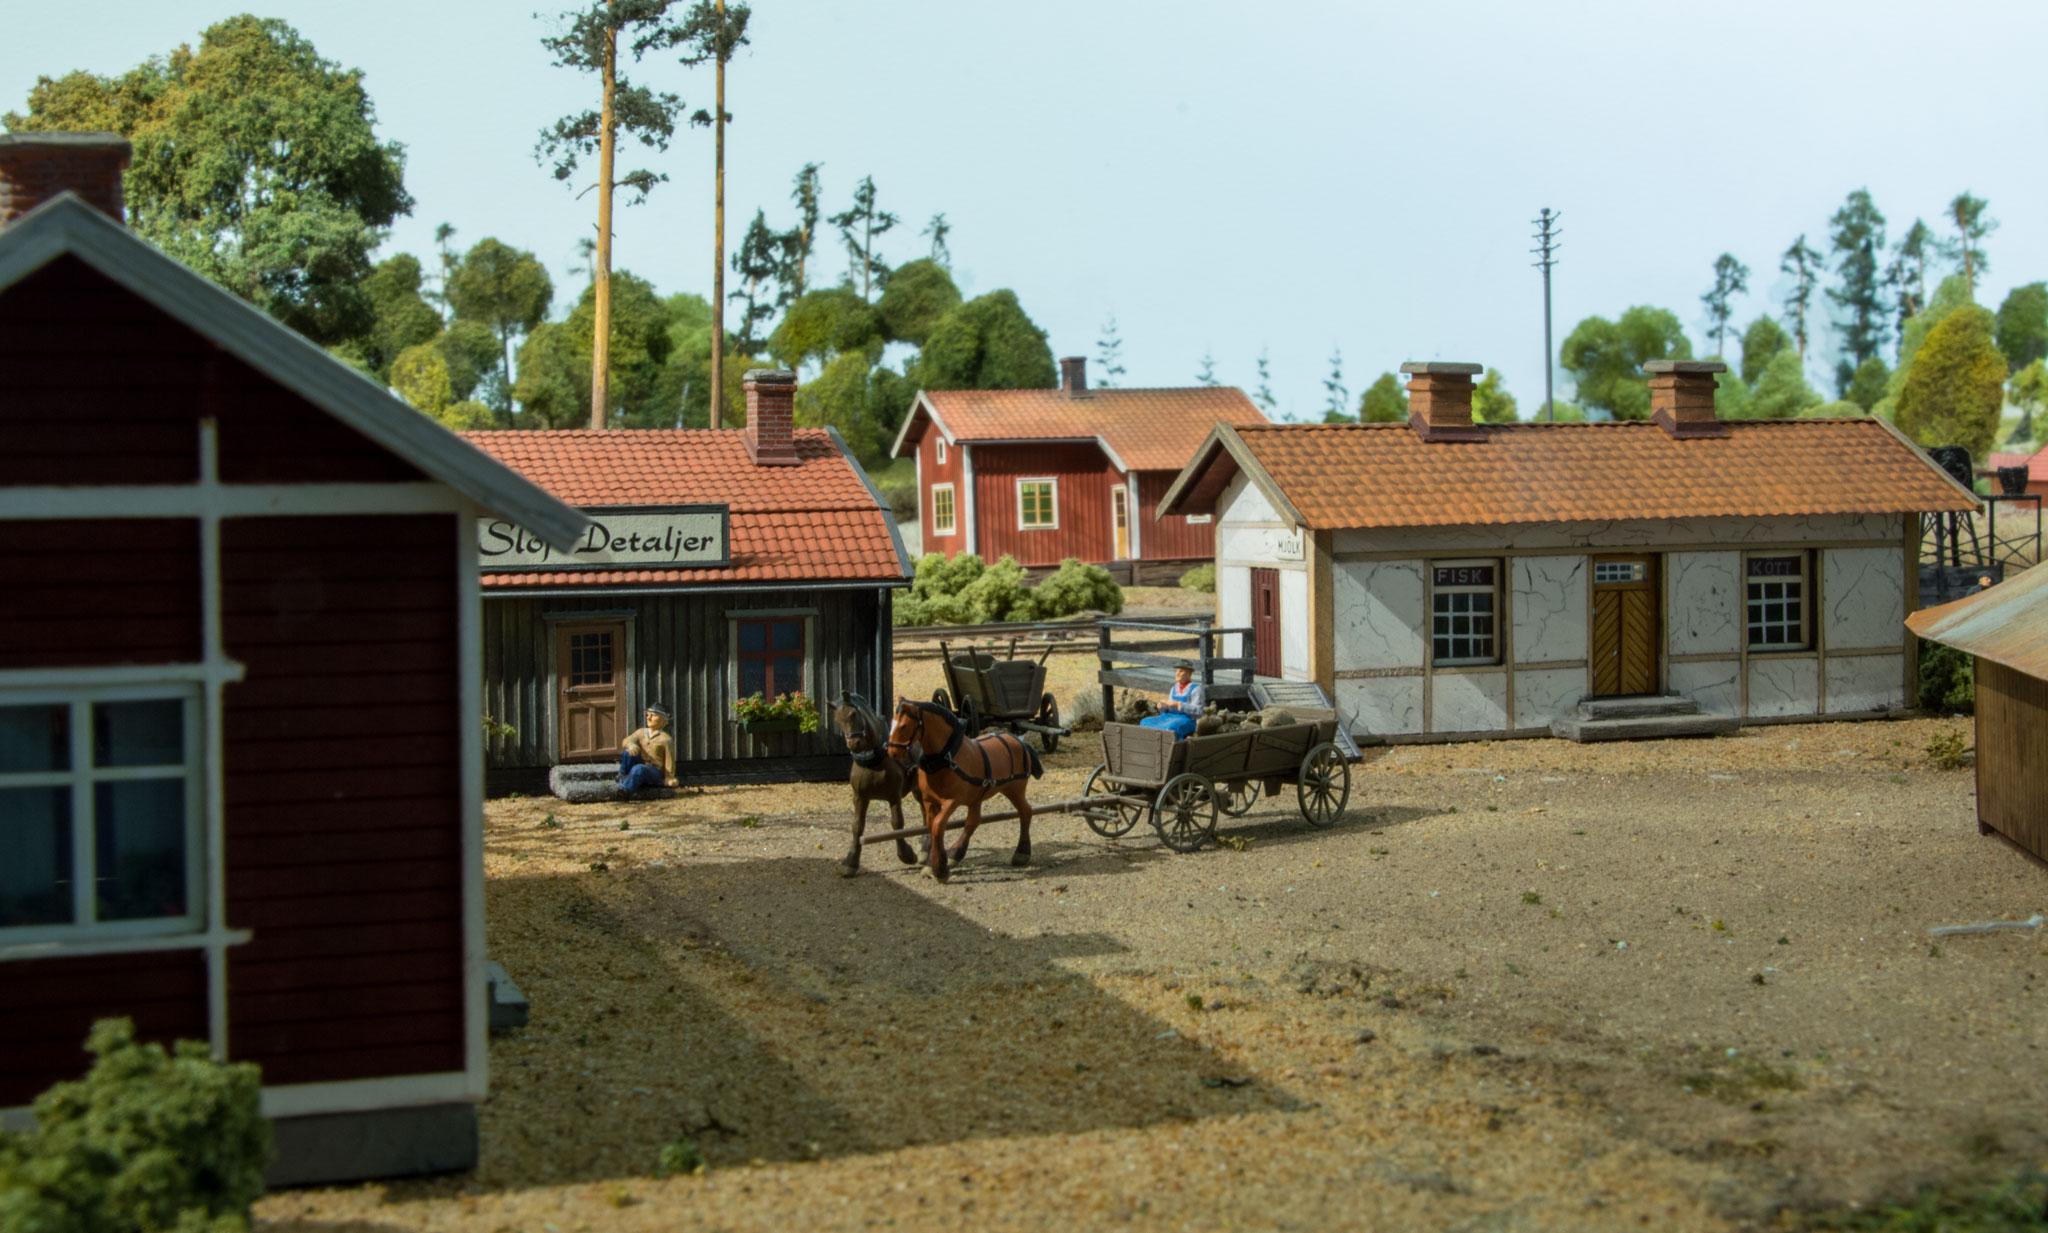 Skrædderforretning i Kvarstad